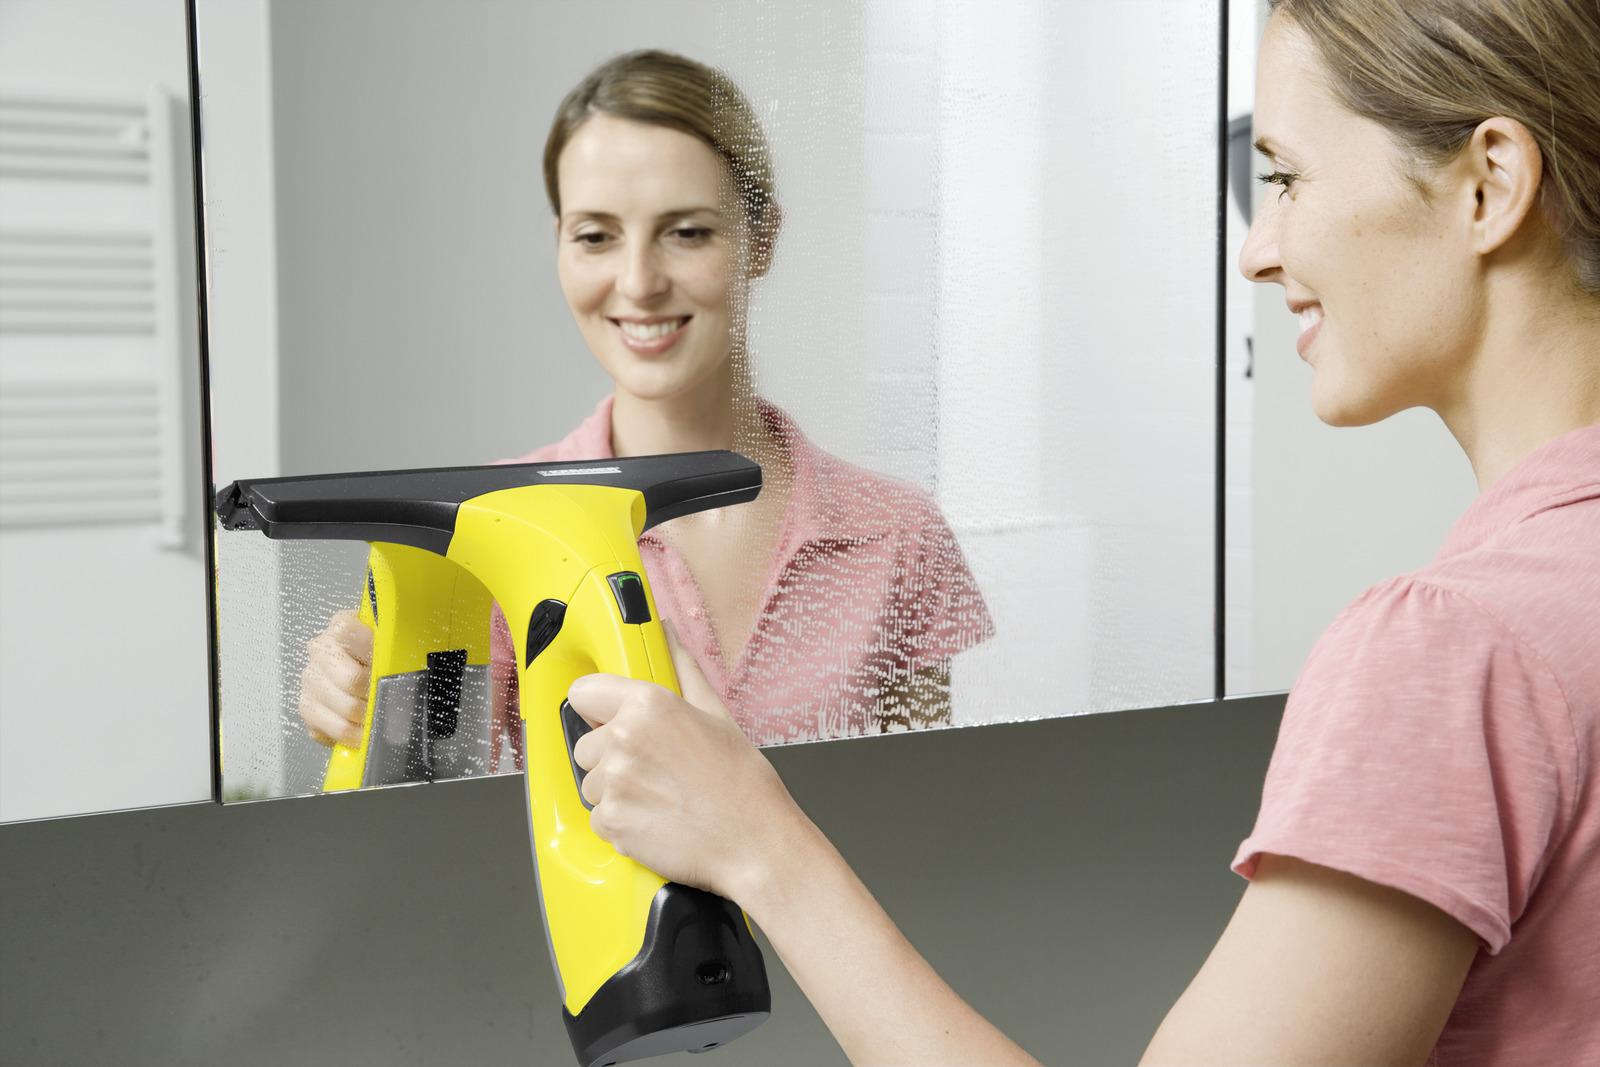 mycie lustra myjką Karcher WV 2 Premium 1.633-430.0